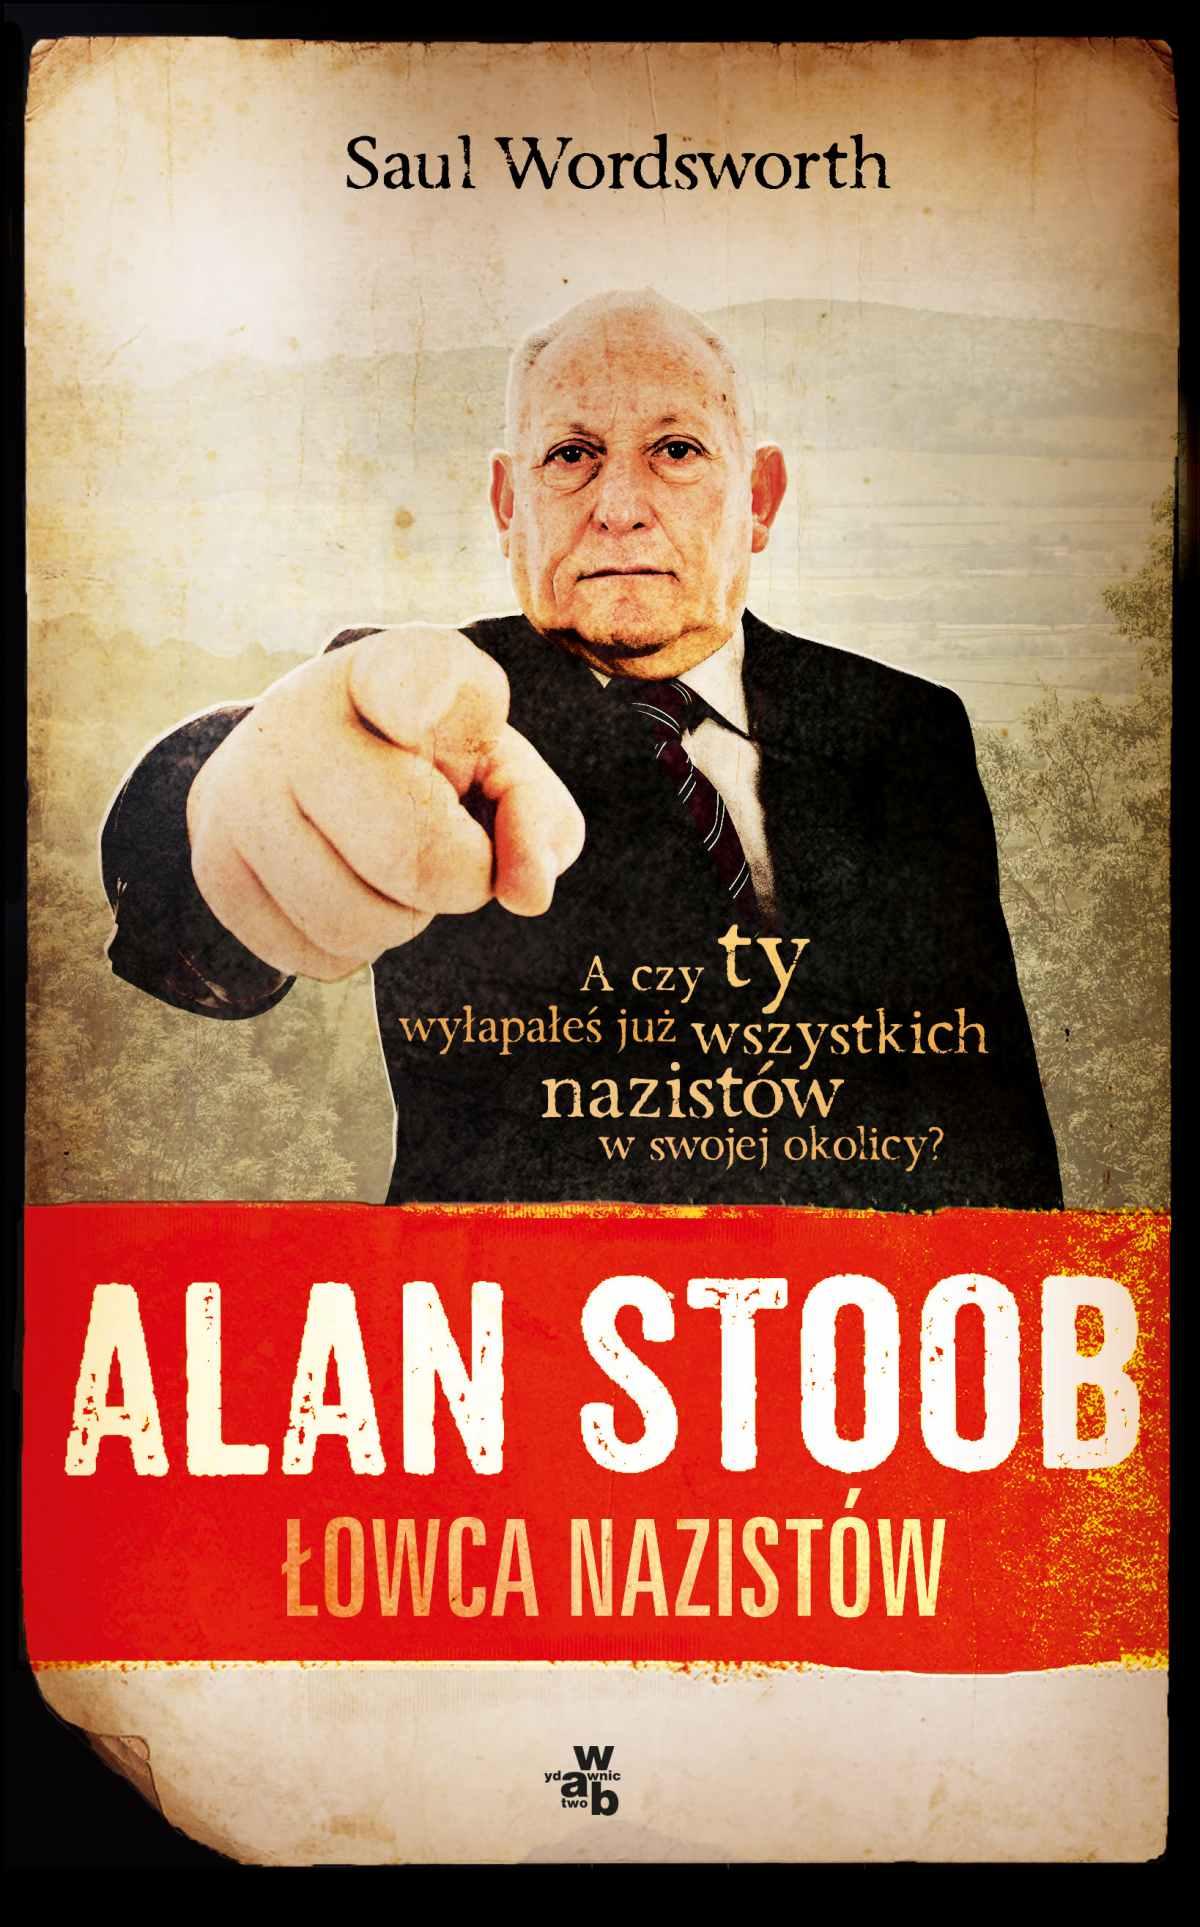 Alan Stoob, łowca nazistów - Ebook (Książka na Kindle) do pobrania w formacie MOBI